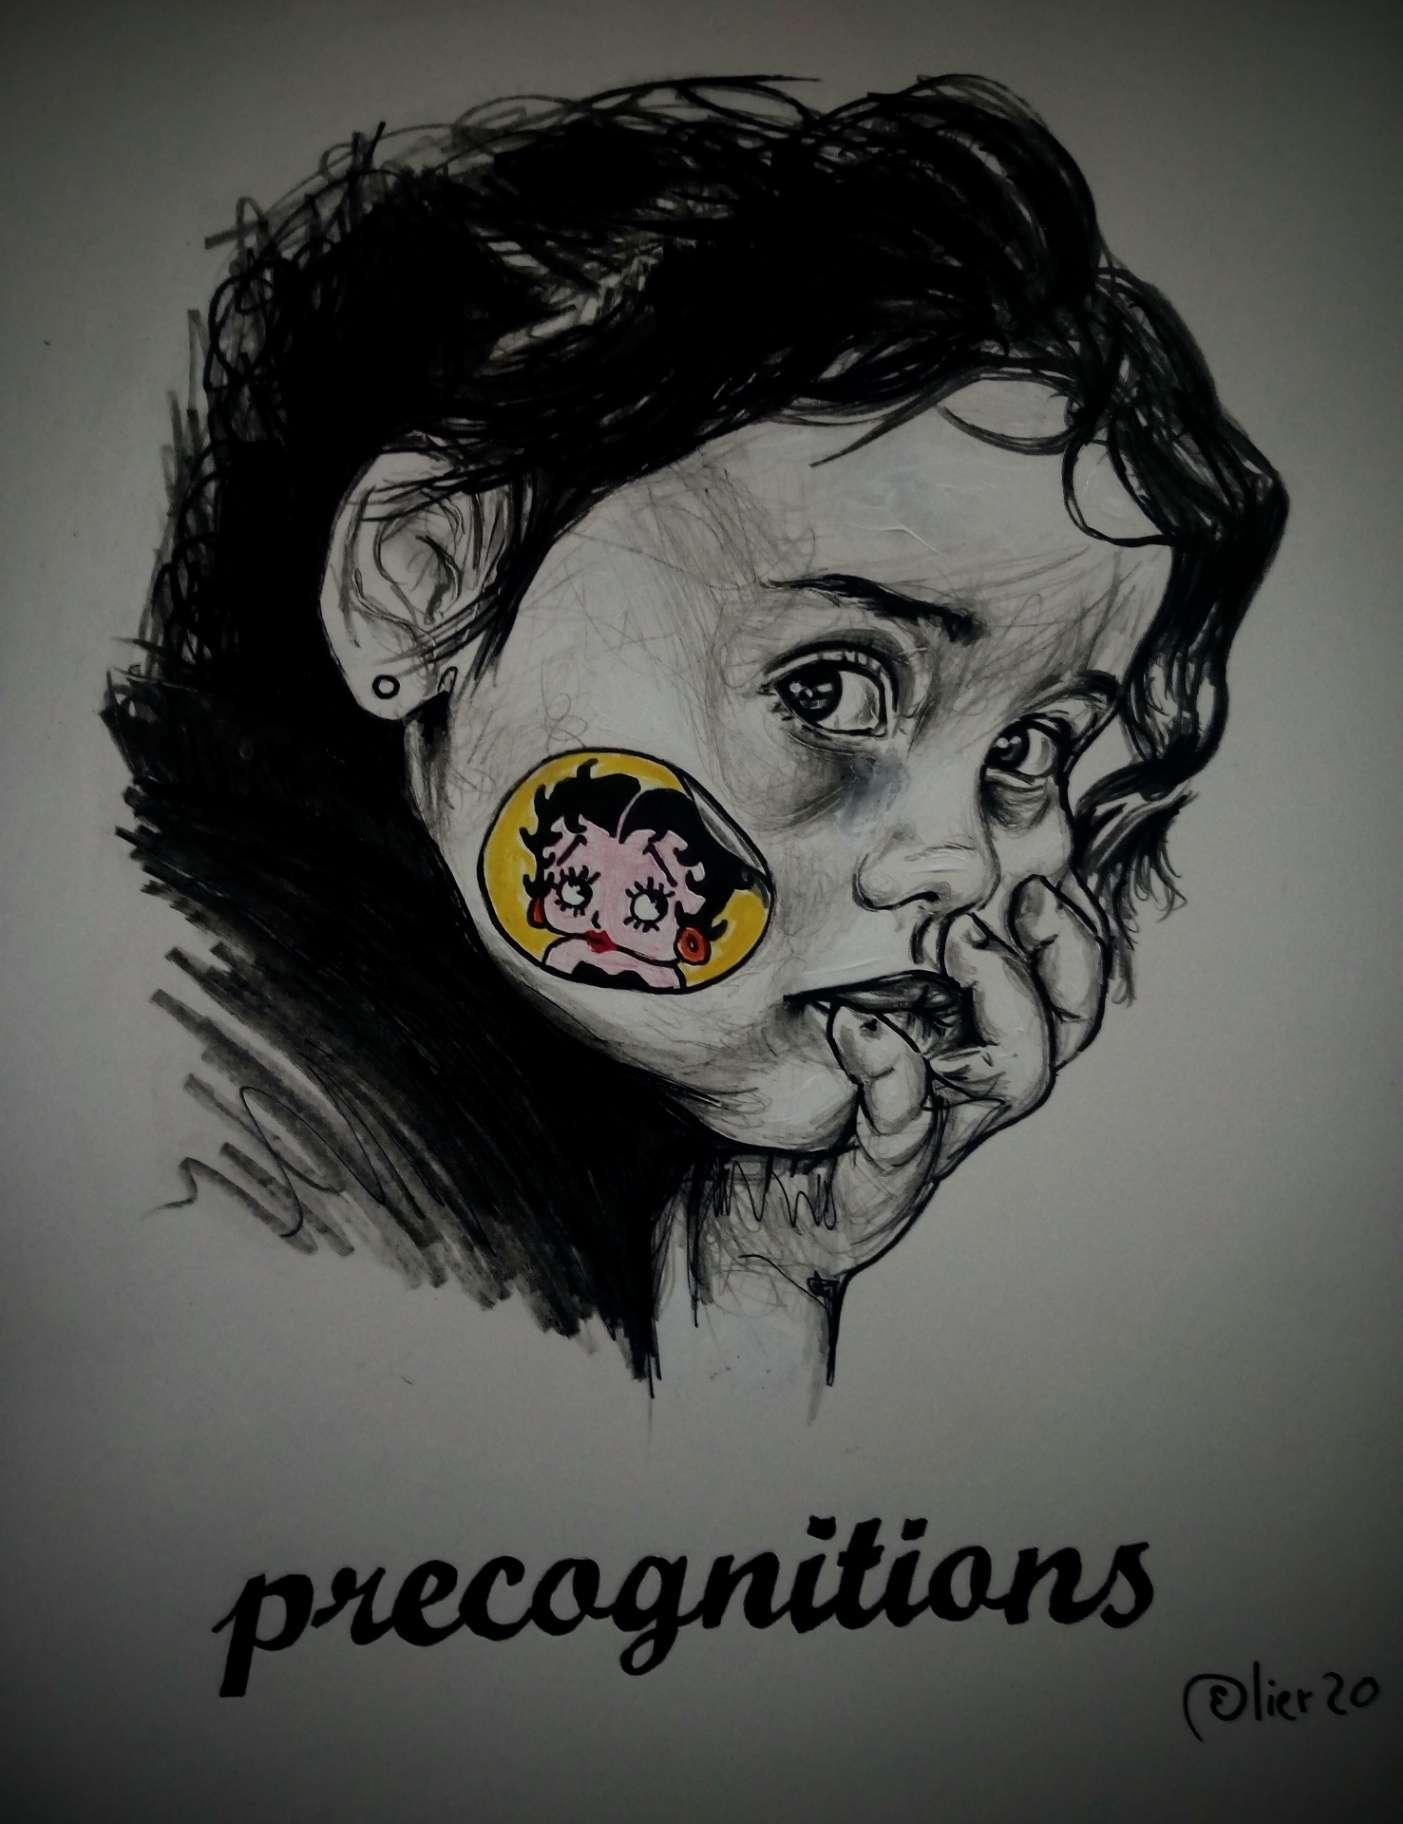 Obra: Precognitions